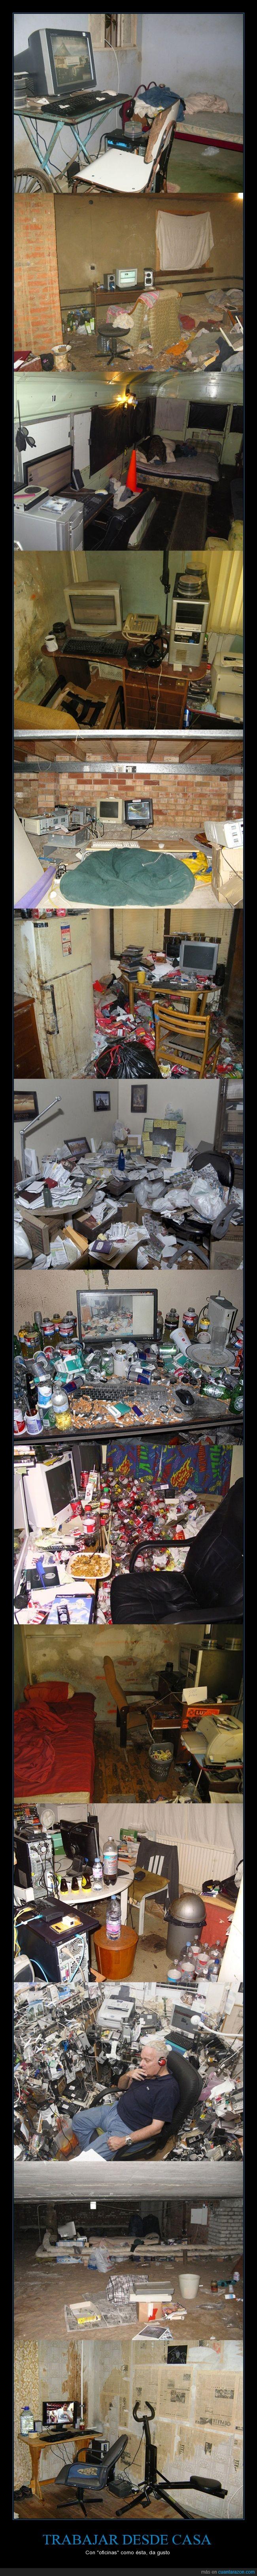 basura,casa,cigarros,colillas,comida,cutre,diogenes,guarrería,habitacion,oficina,ordenador,sucio,trabajar